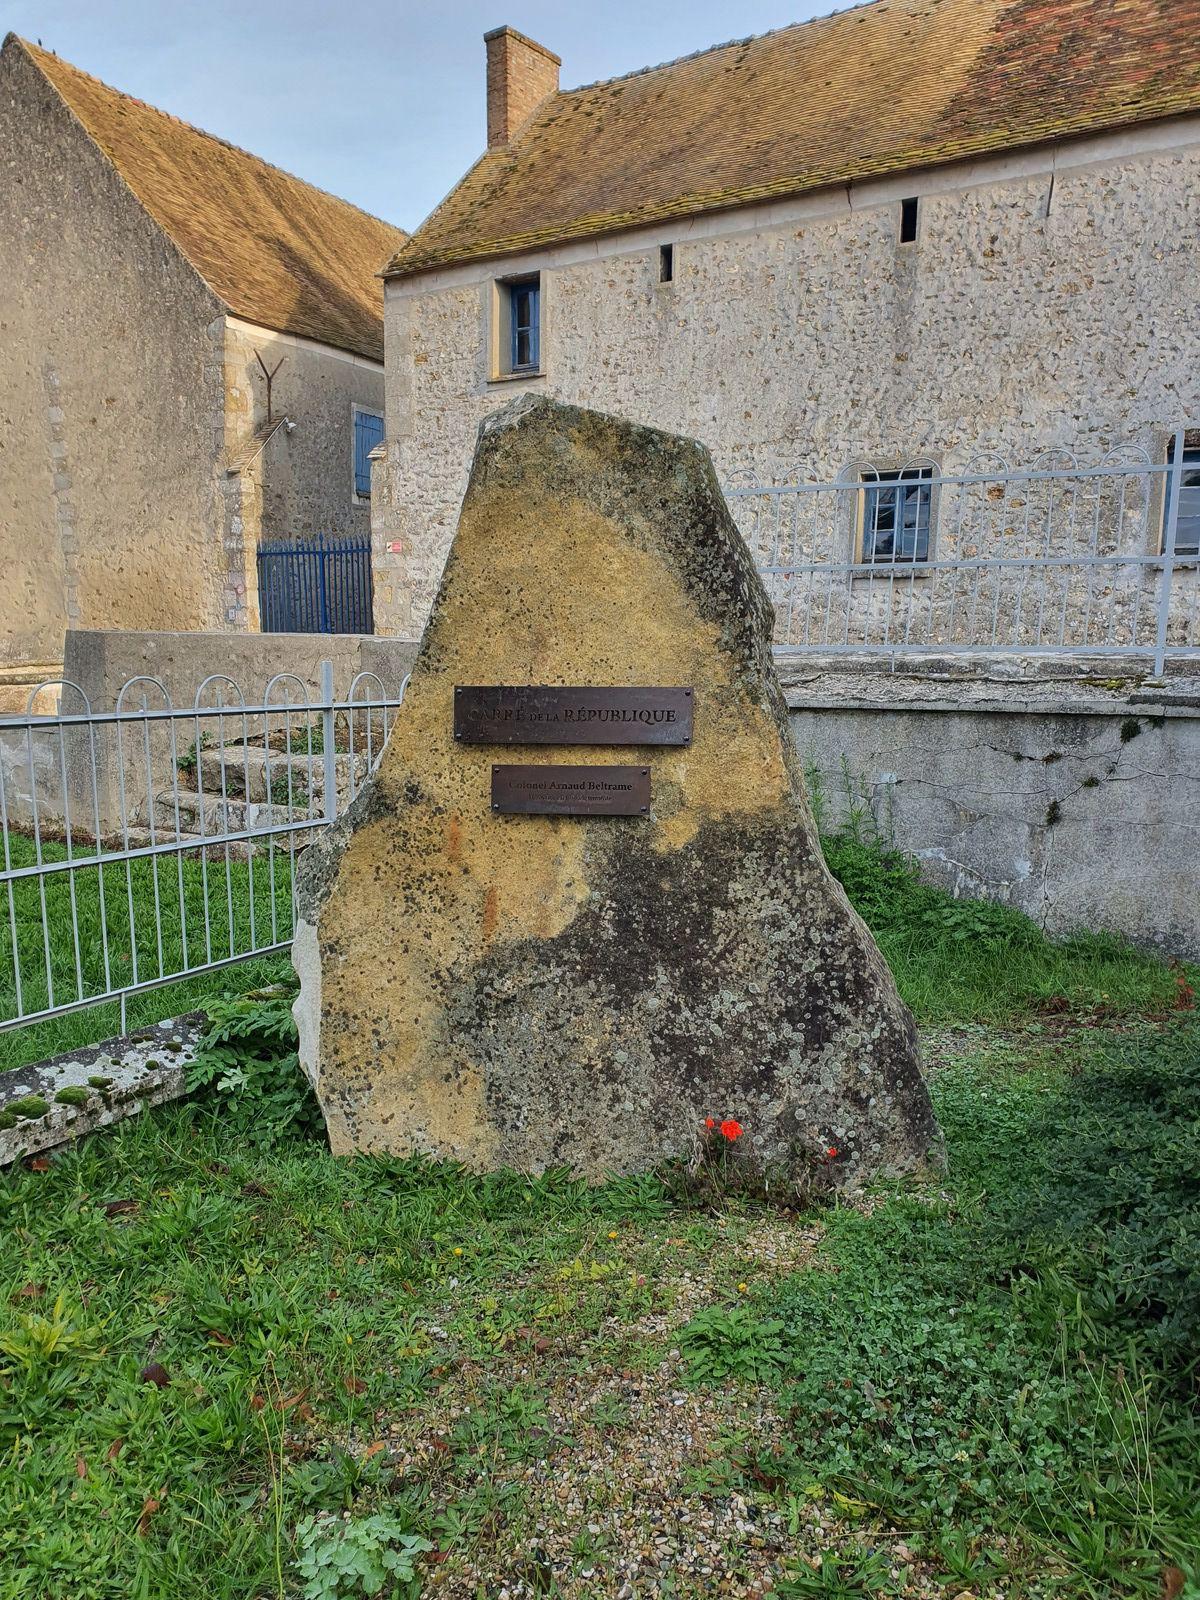 le 11 novembre nous inscrirons le nom de Samuel paty  au carré de le republique de janvry après celui d'Arnaud beltrame